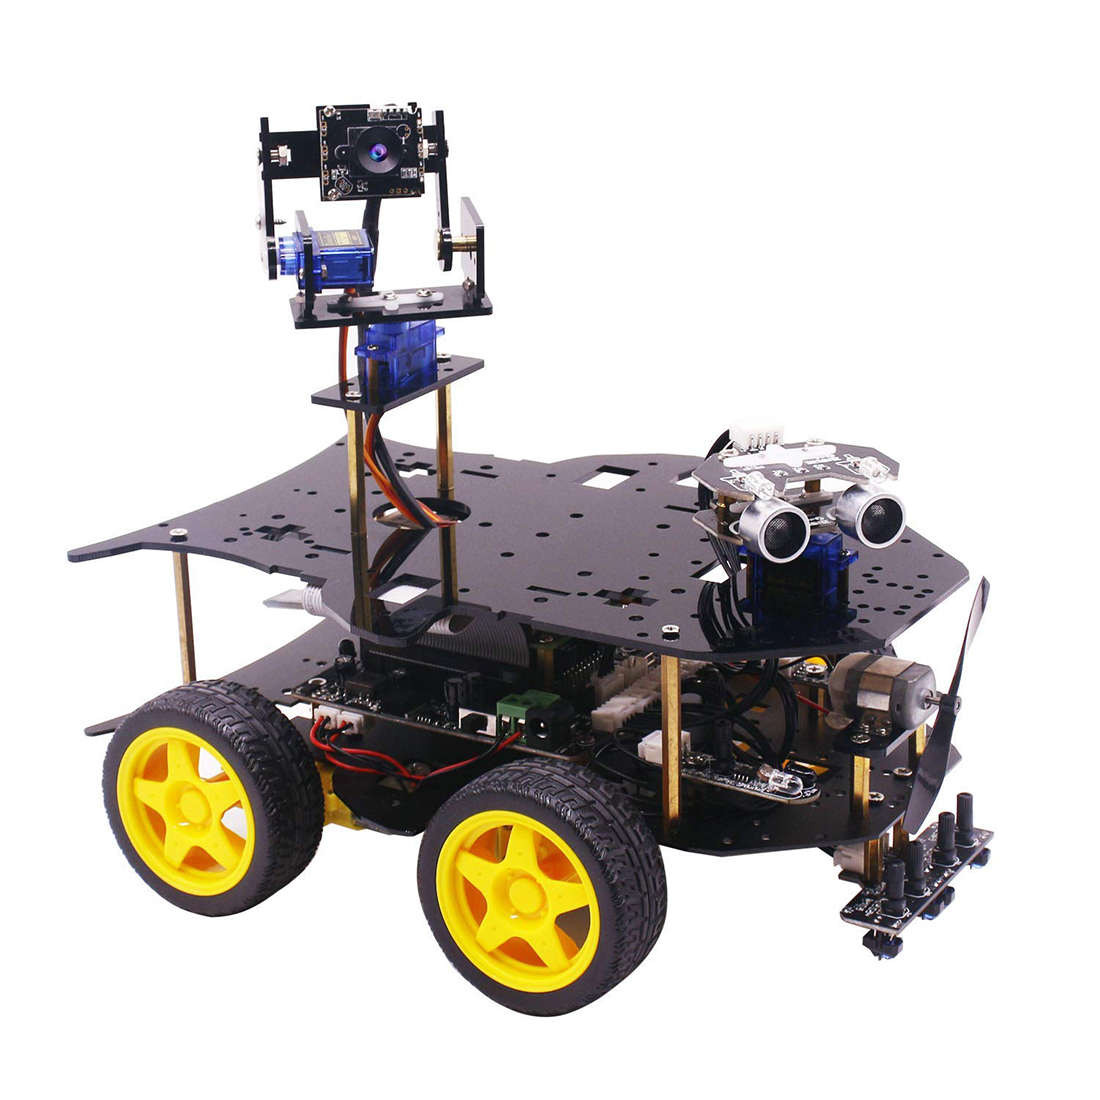 Ultimate Starter Kit for Raspberry Pi 3 B HD Camera Programmable Smart Robot Car Kit Model